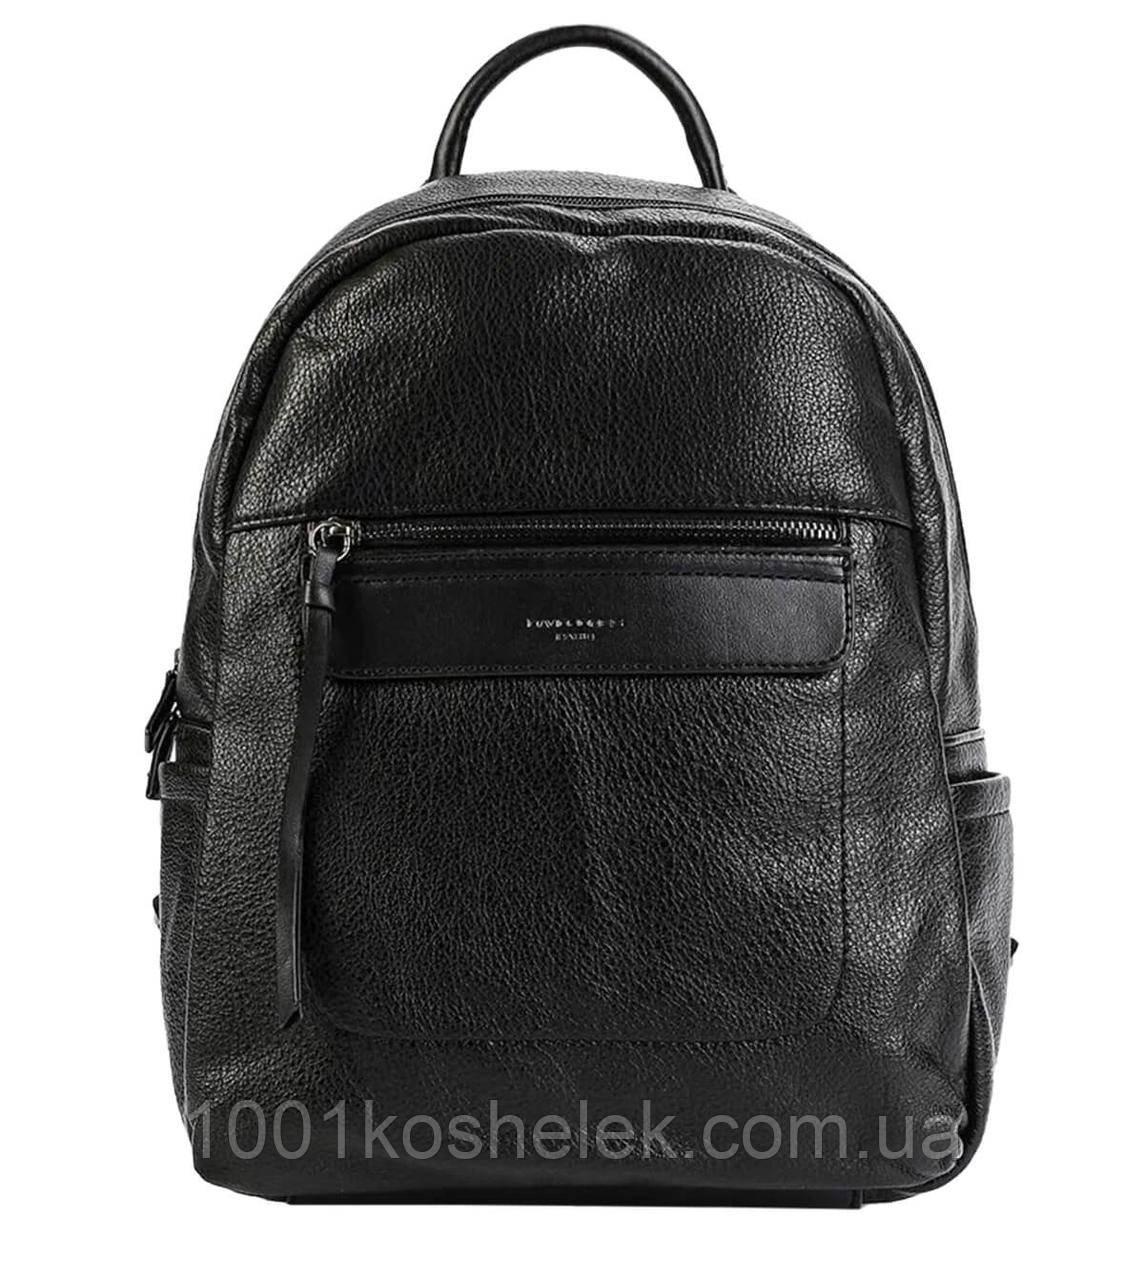 Рюкзак David Jones 6114-2 (Черный)